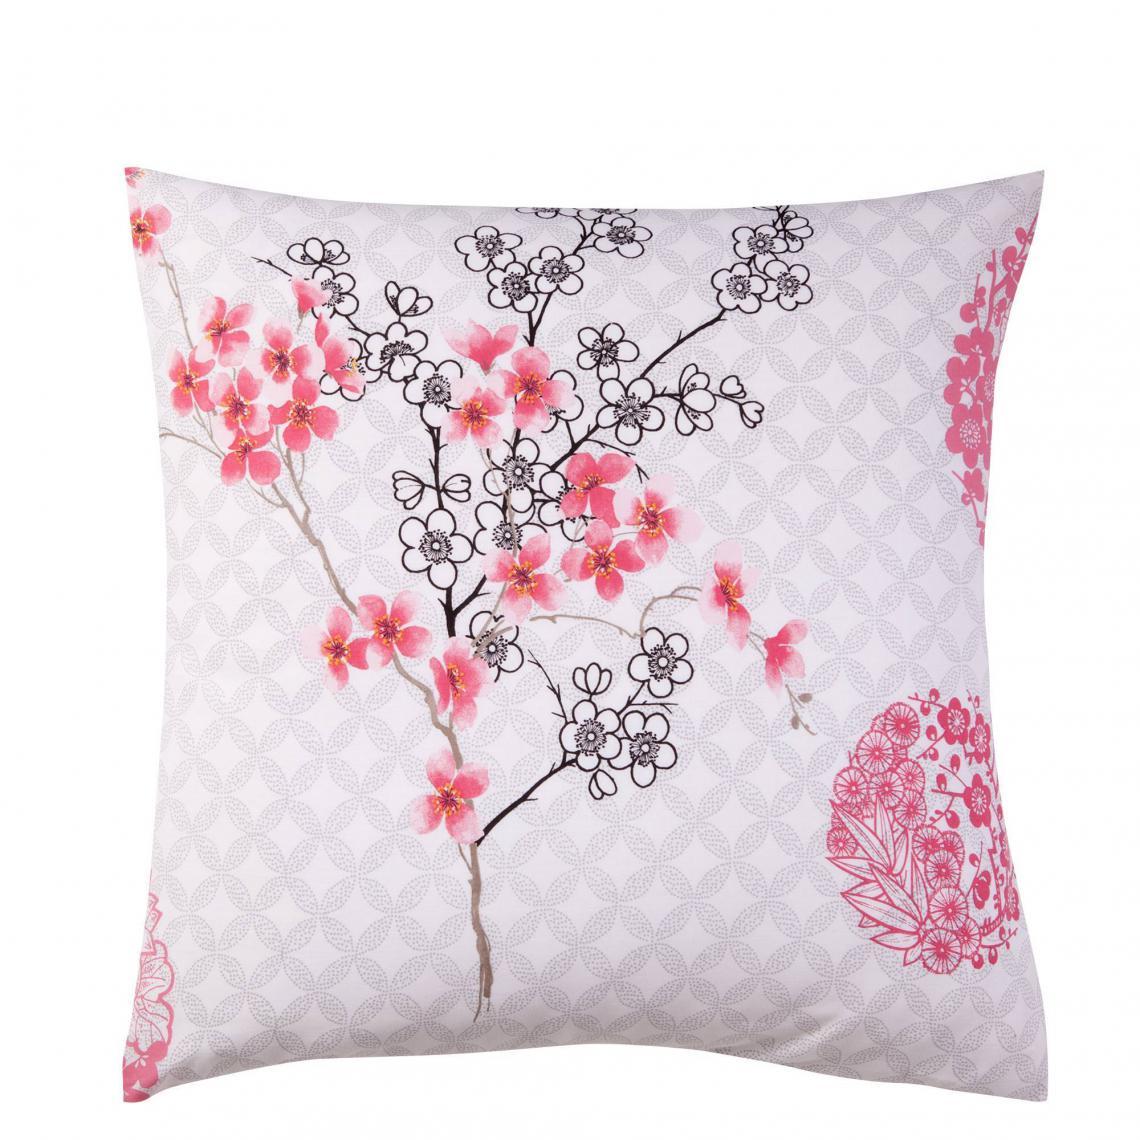 Parure De Lit Polycoton Fleur Du Japon Multicolore 3 Suisses